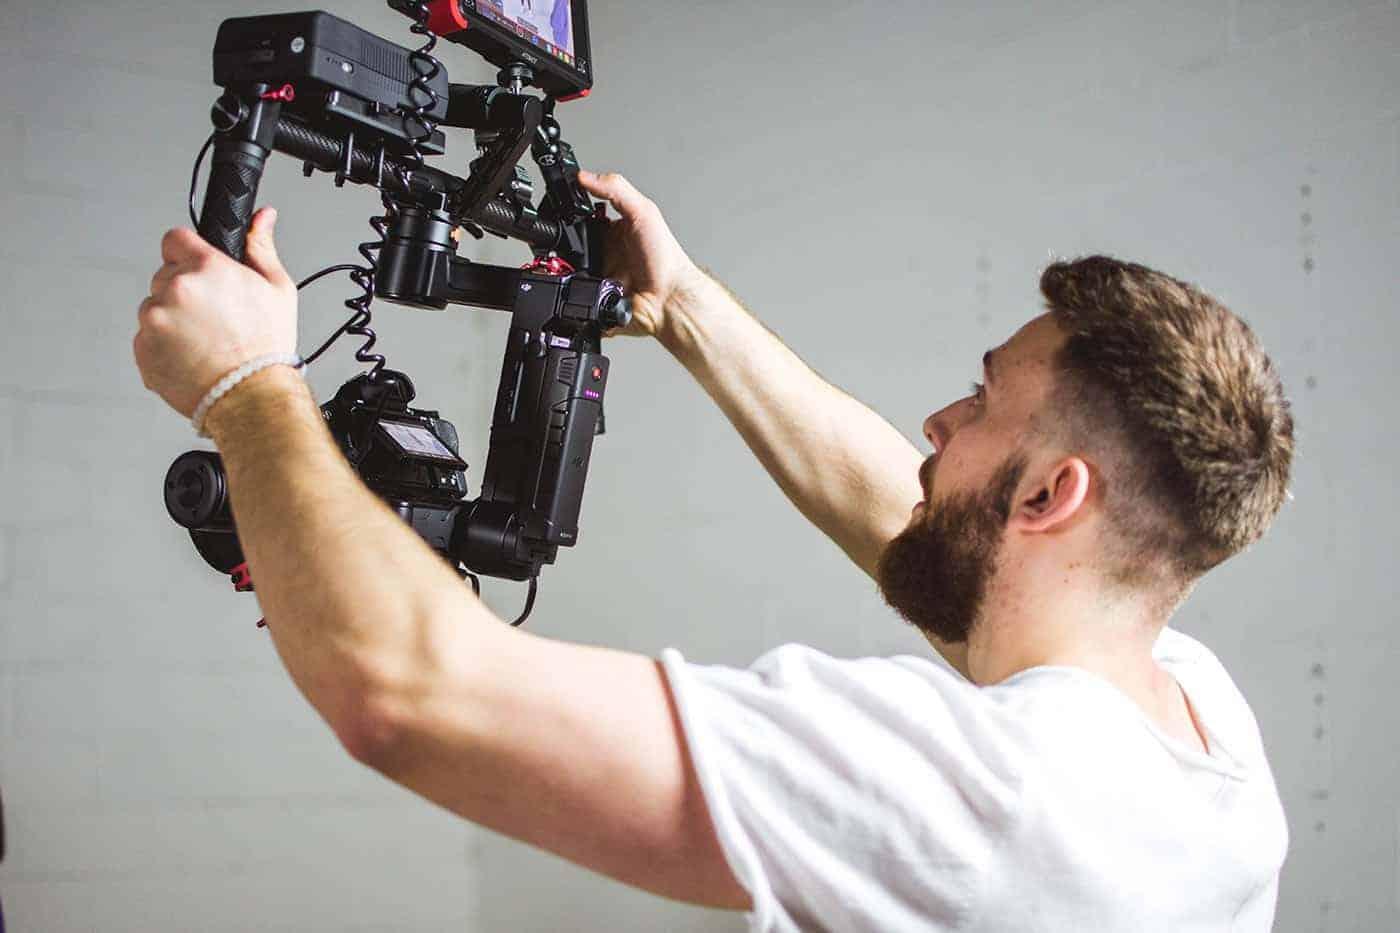 behind the scenes footage